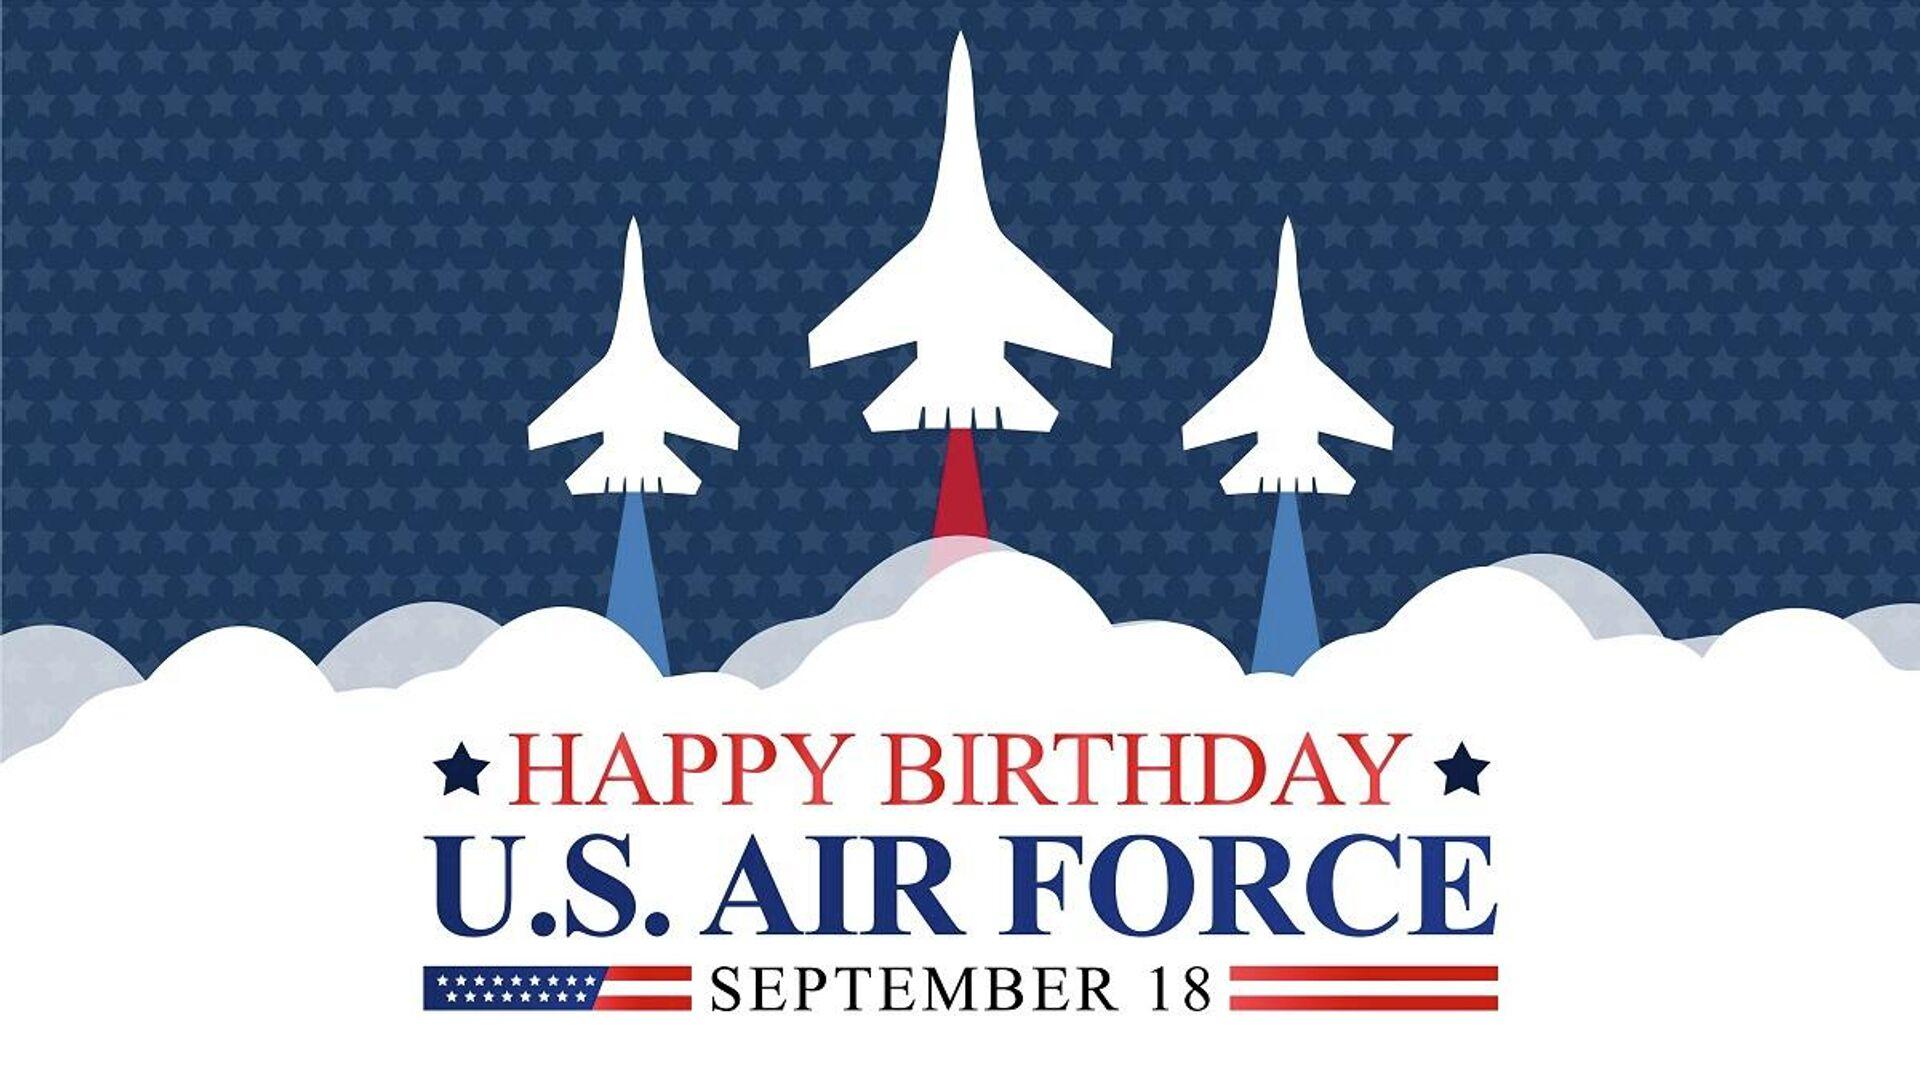 El aniversario de las Fuerzas Aéreas de EEUU, el 18 de septiembre  - Sputnik Mundo, 1920, 19.09.2021